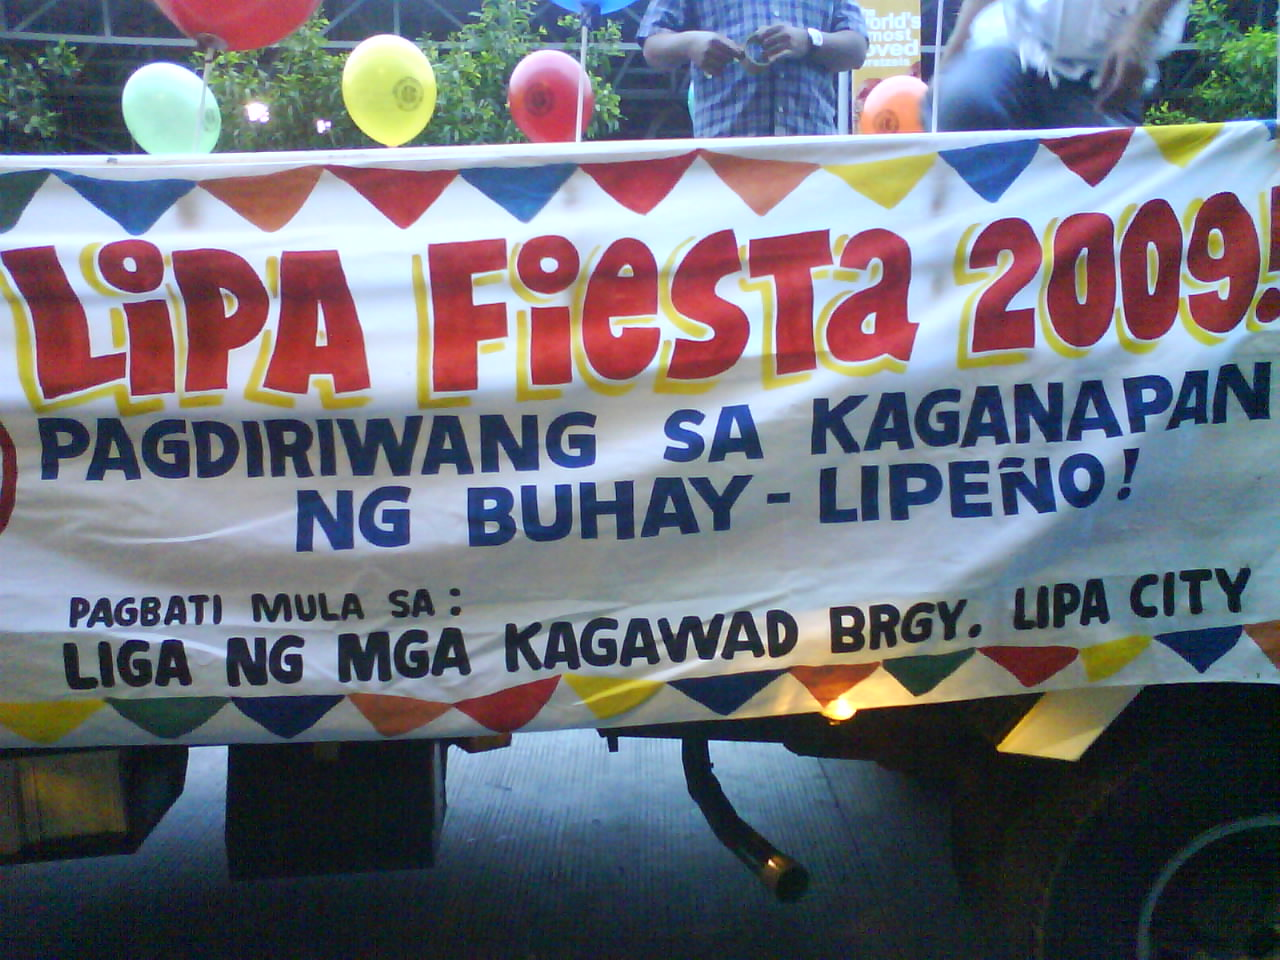 Lipa Fiesta 2009, Pagdiriwang sa Kaganapan ng Buhay- Lipeno